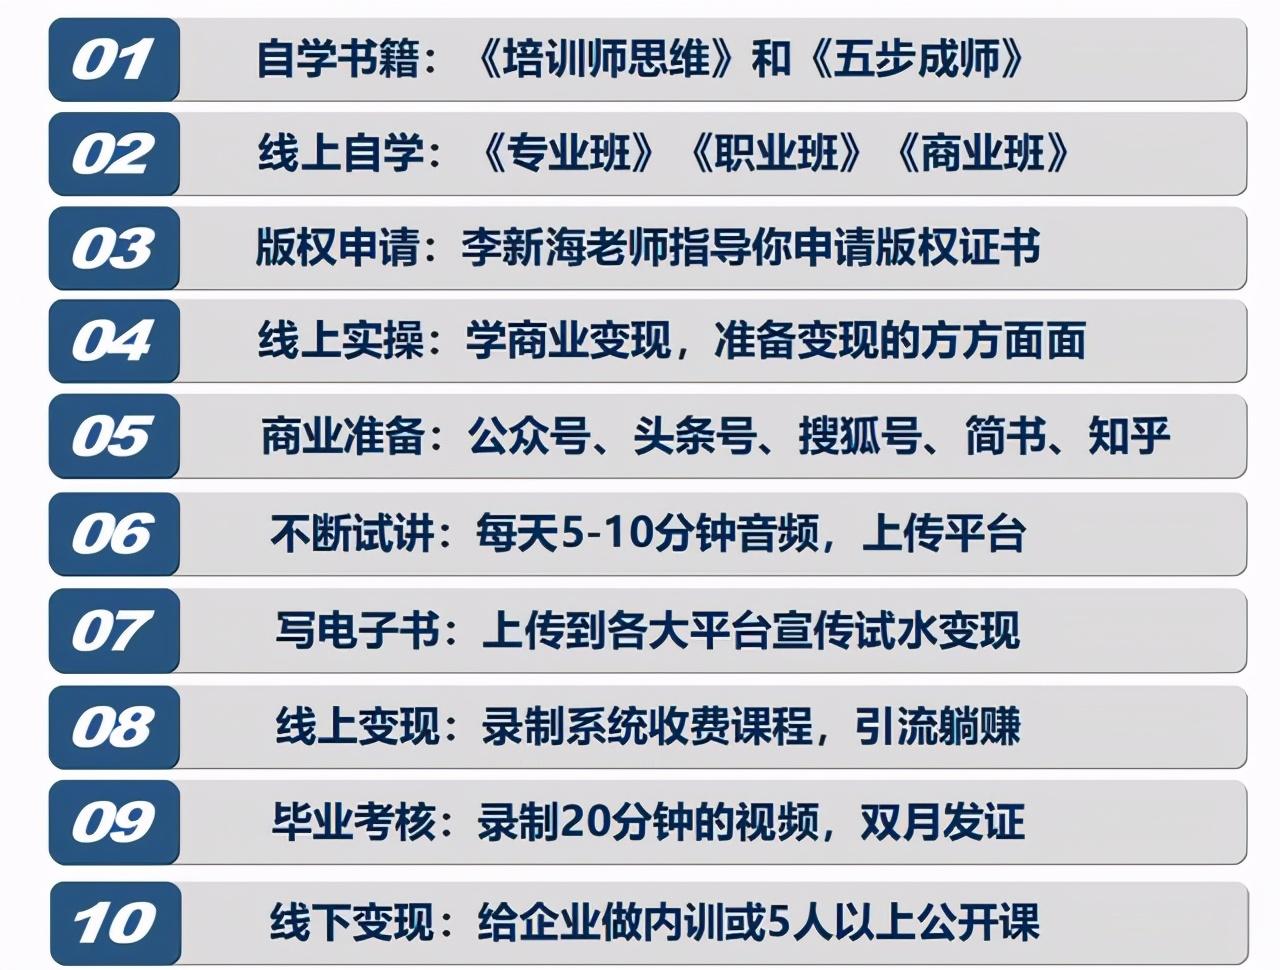 转型成为<a href=http://www.jiangshi360.com target=_blank class=infotextkey>培训</a>师,五个问题的答案,让你轻松实现<a href=http://www.jiangshi360.com target=_blank class=infotextkey>培训</a>师梦